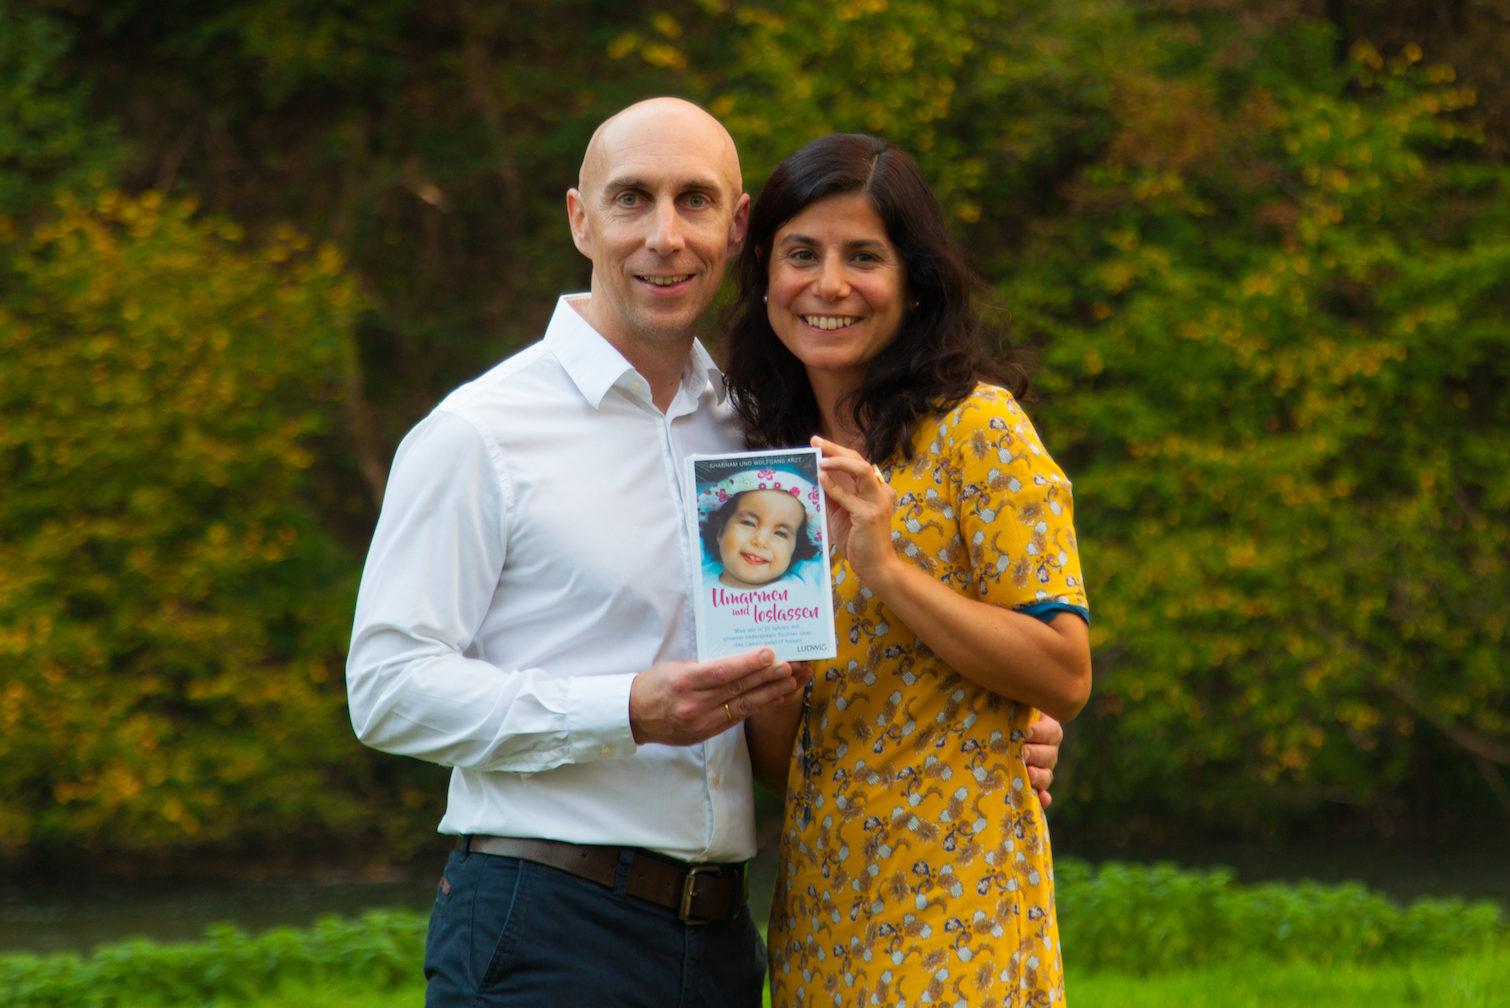 """Shabnam und Wolfgang Arzt präsentieren das Buch """"Umarmen und loslassen"""" über die Geschichte mit ihrer Tochter Jaël"""